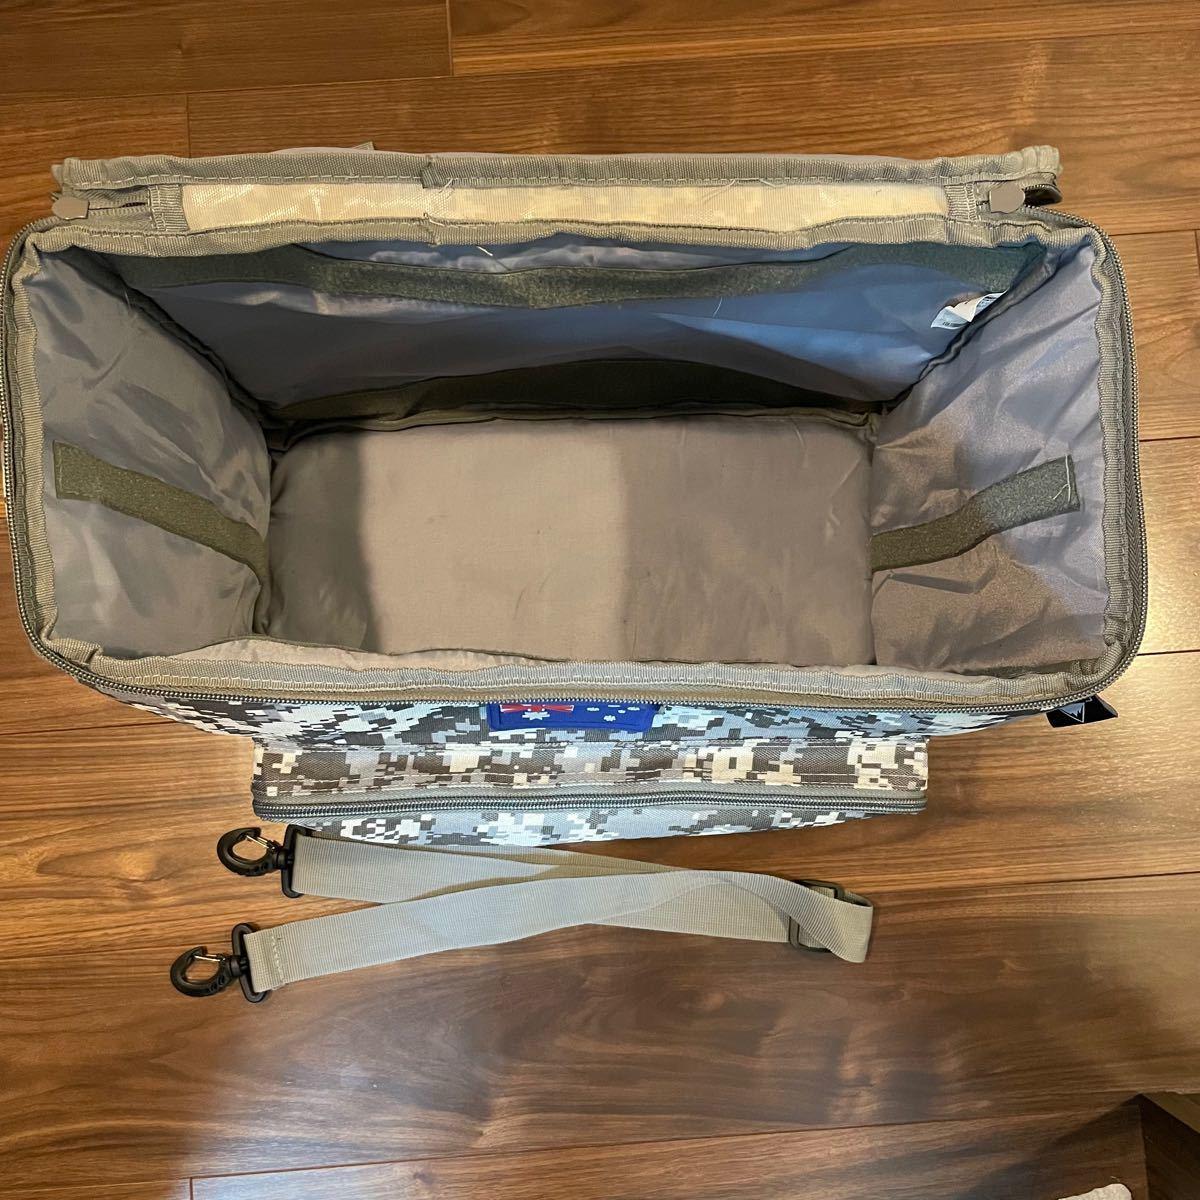 キャンピングムーン(CAMPING MOON) コンテナボックス型3WAY バッグ カモフラ柄